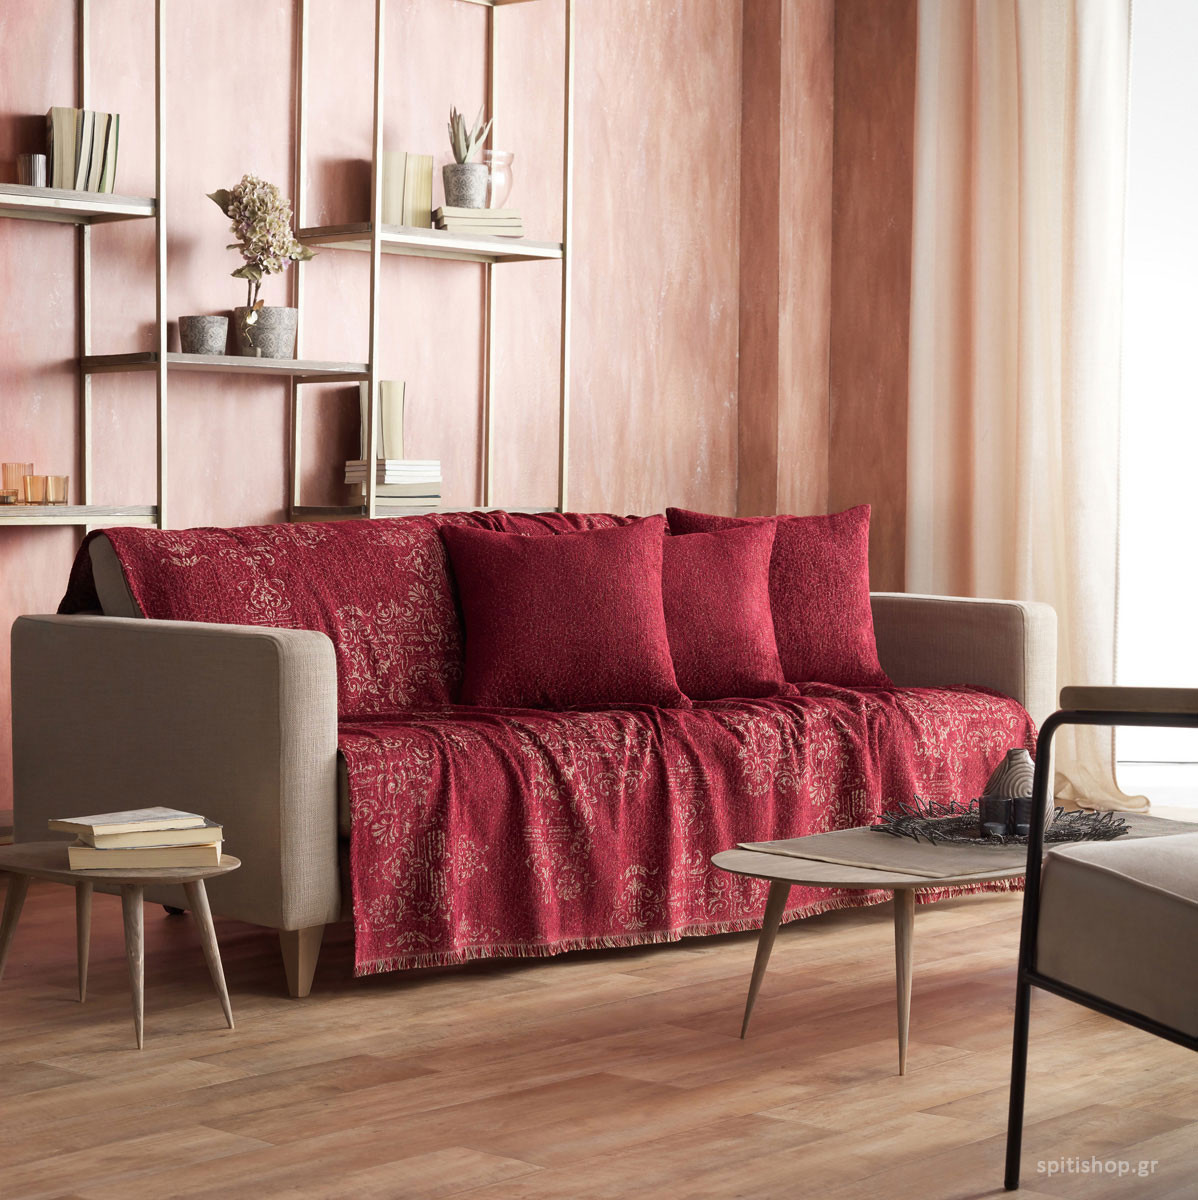 Ριχτάρι Τριθέσιου (180×310) Gofis Home Rustic Bordo 948/02